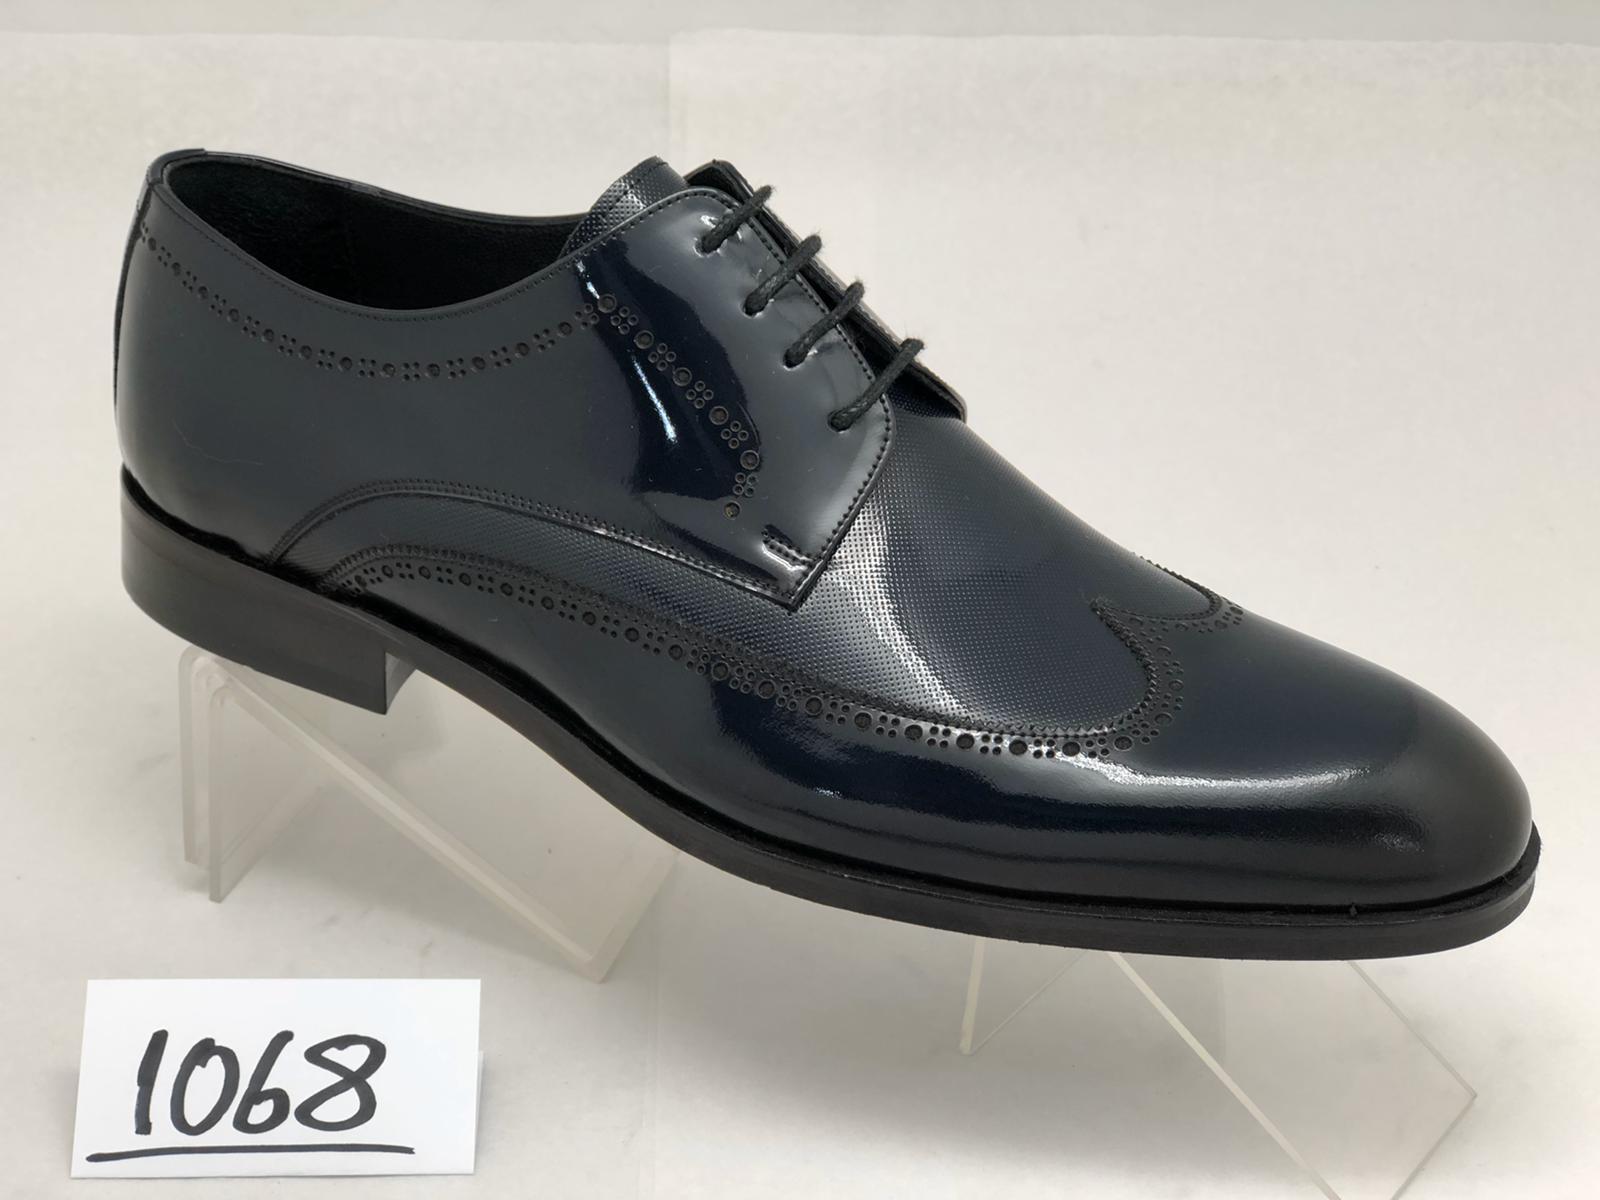 1068 Rugan Microlight taban ayakkabı